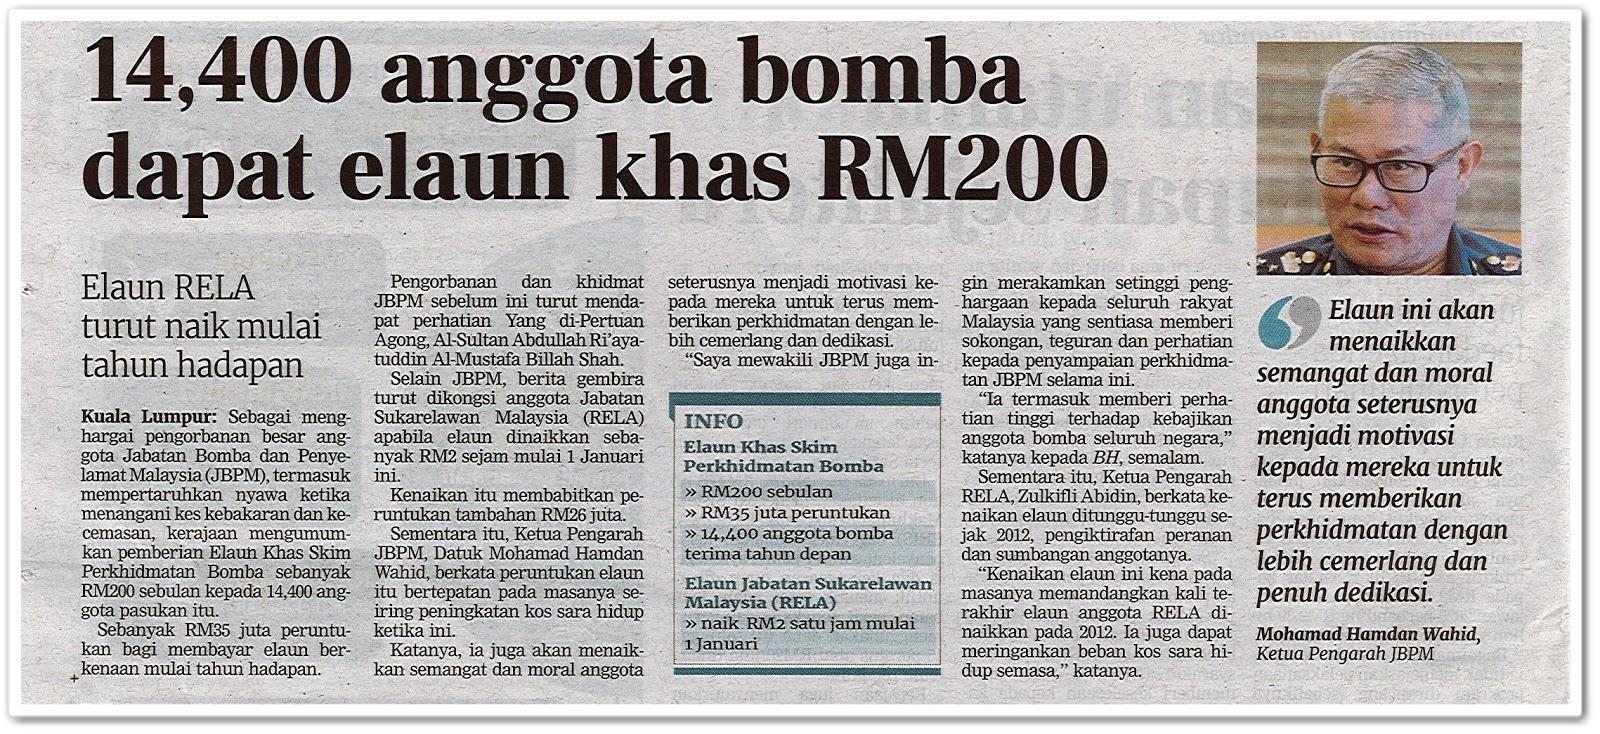 14,400 anggota bomba dapat elaun khas RM200 - Keratan akhbar Berita Harian 12 Oktober 2019